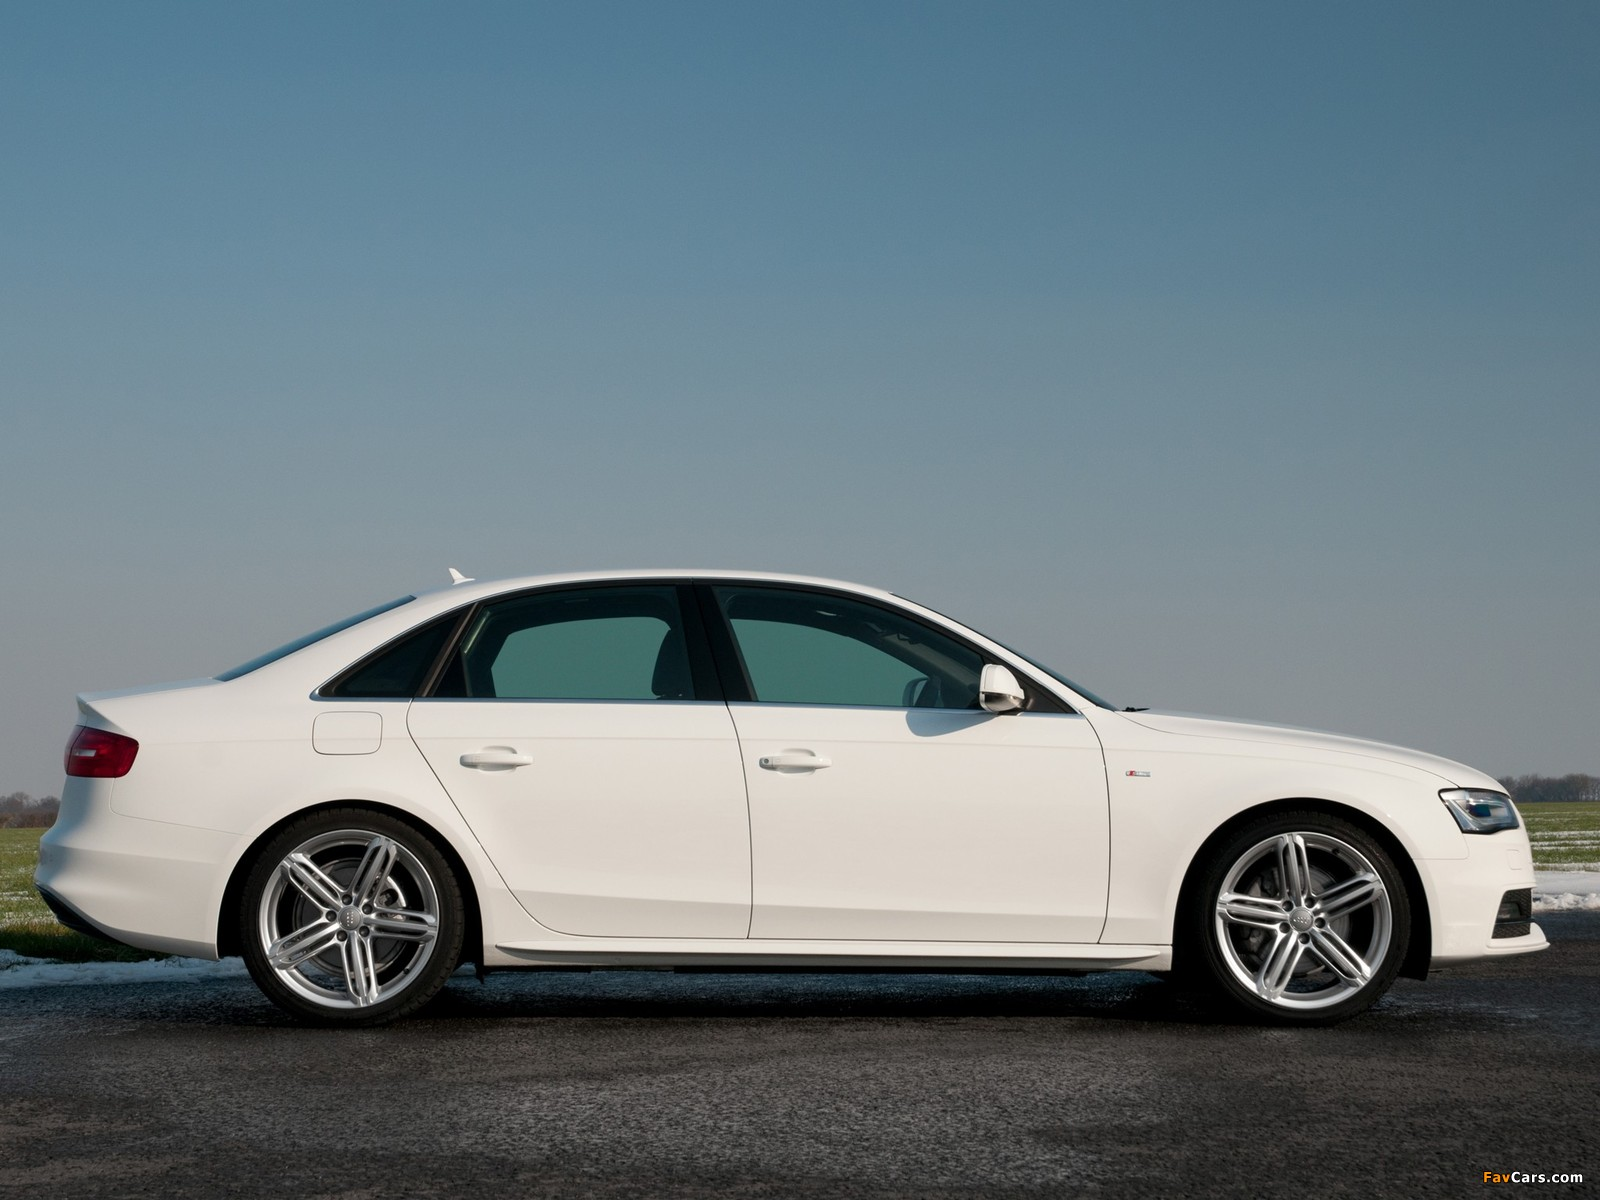 Audi A4 2.0 T Quattro >> Images of Audi A4 2.0T quattro S-Line Sedan UK-spec (B8,8K) 2012 (1600x1200)